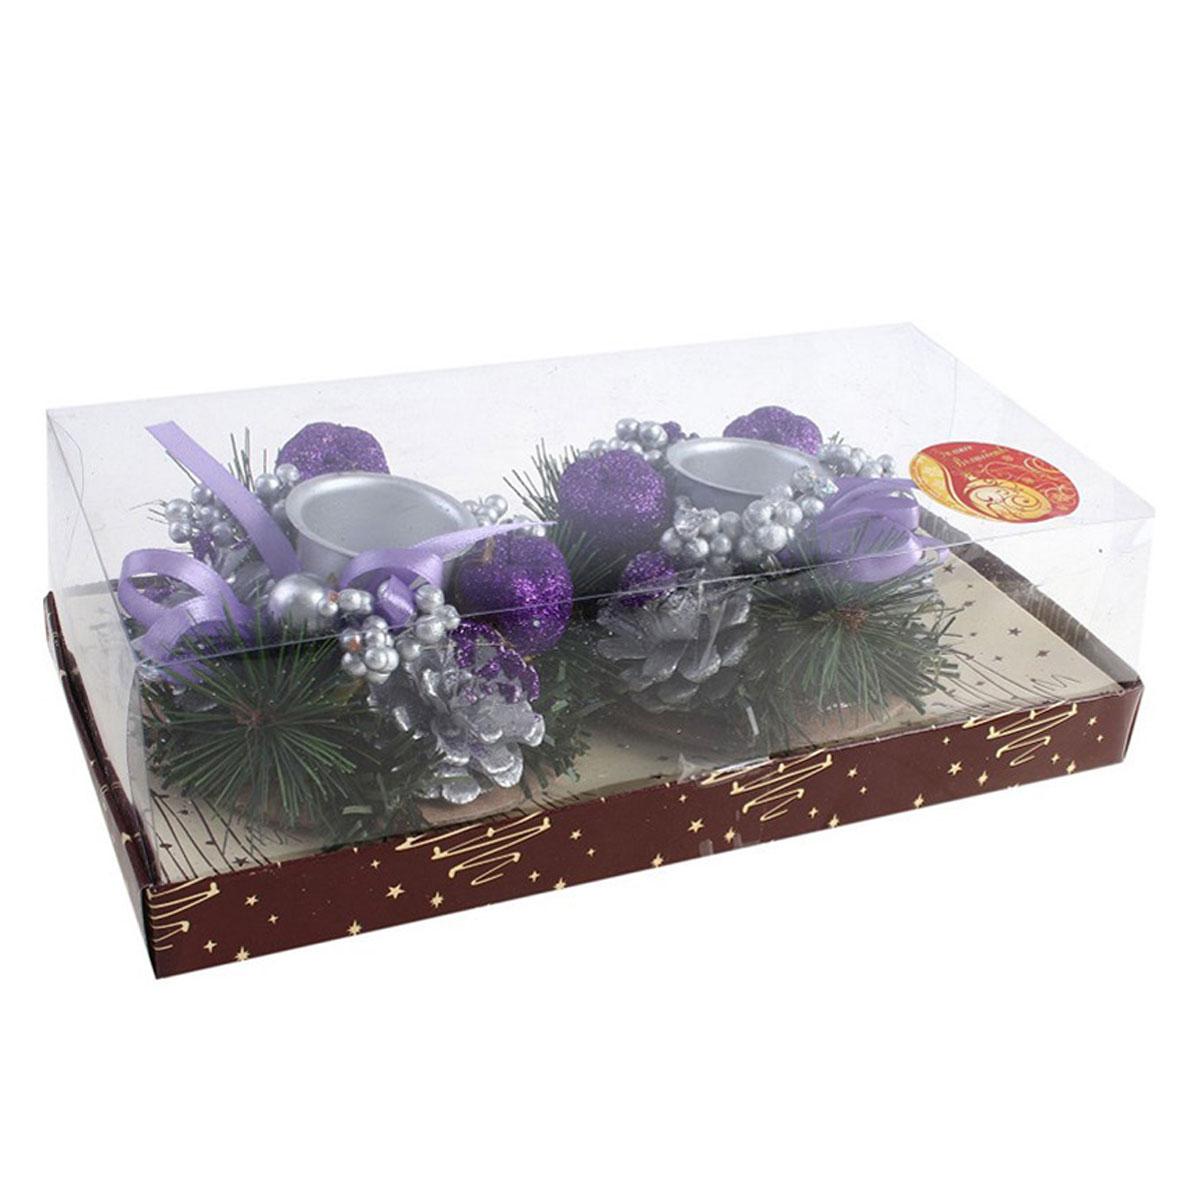 Подсвечник на две свечи Шишка с бантиками, цвет: фиолетовый, серебристый, пурпурный. 542654542654Новогодний подсвечник Шишка с бантиками украсит интерьер вашего дома или офиса в преддверии Нового года. Оригинальный дизайн и красочное исполнение создадут праздничное настроение. Подсвечники представляют собой венки из сосновых веточек с шишками, бусинами и ягодами пурпурного цвета, покрытыми блестками. В центре венка размещается подсвечники серебристого цвета. Новогодние украшения всегда несут в себе волшебство и красоту праздника. Создайте в своем доме атмосферу тепла, веселья и радости, украшая его всей семьей.